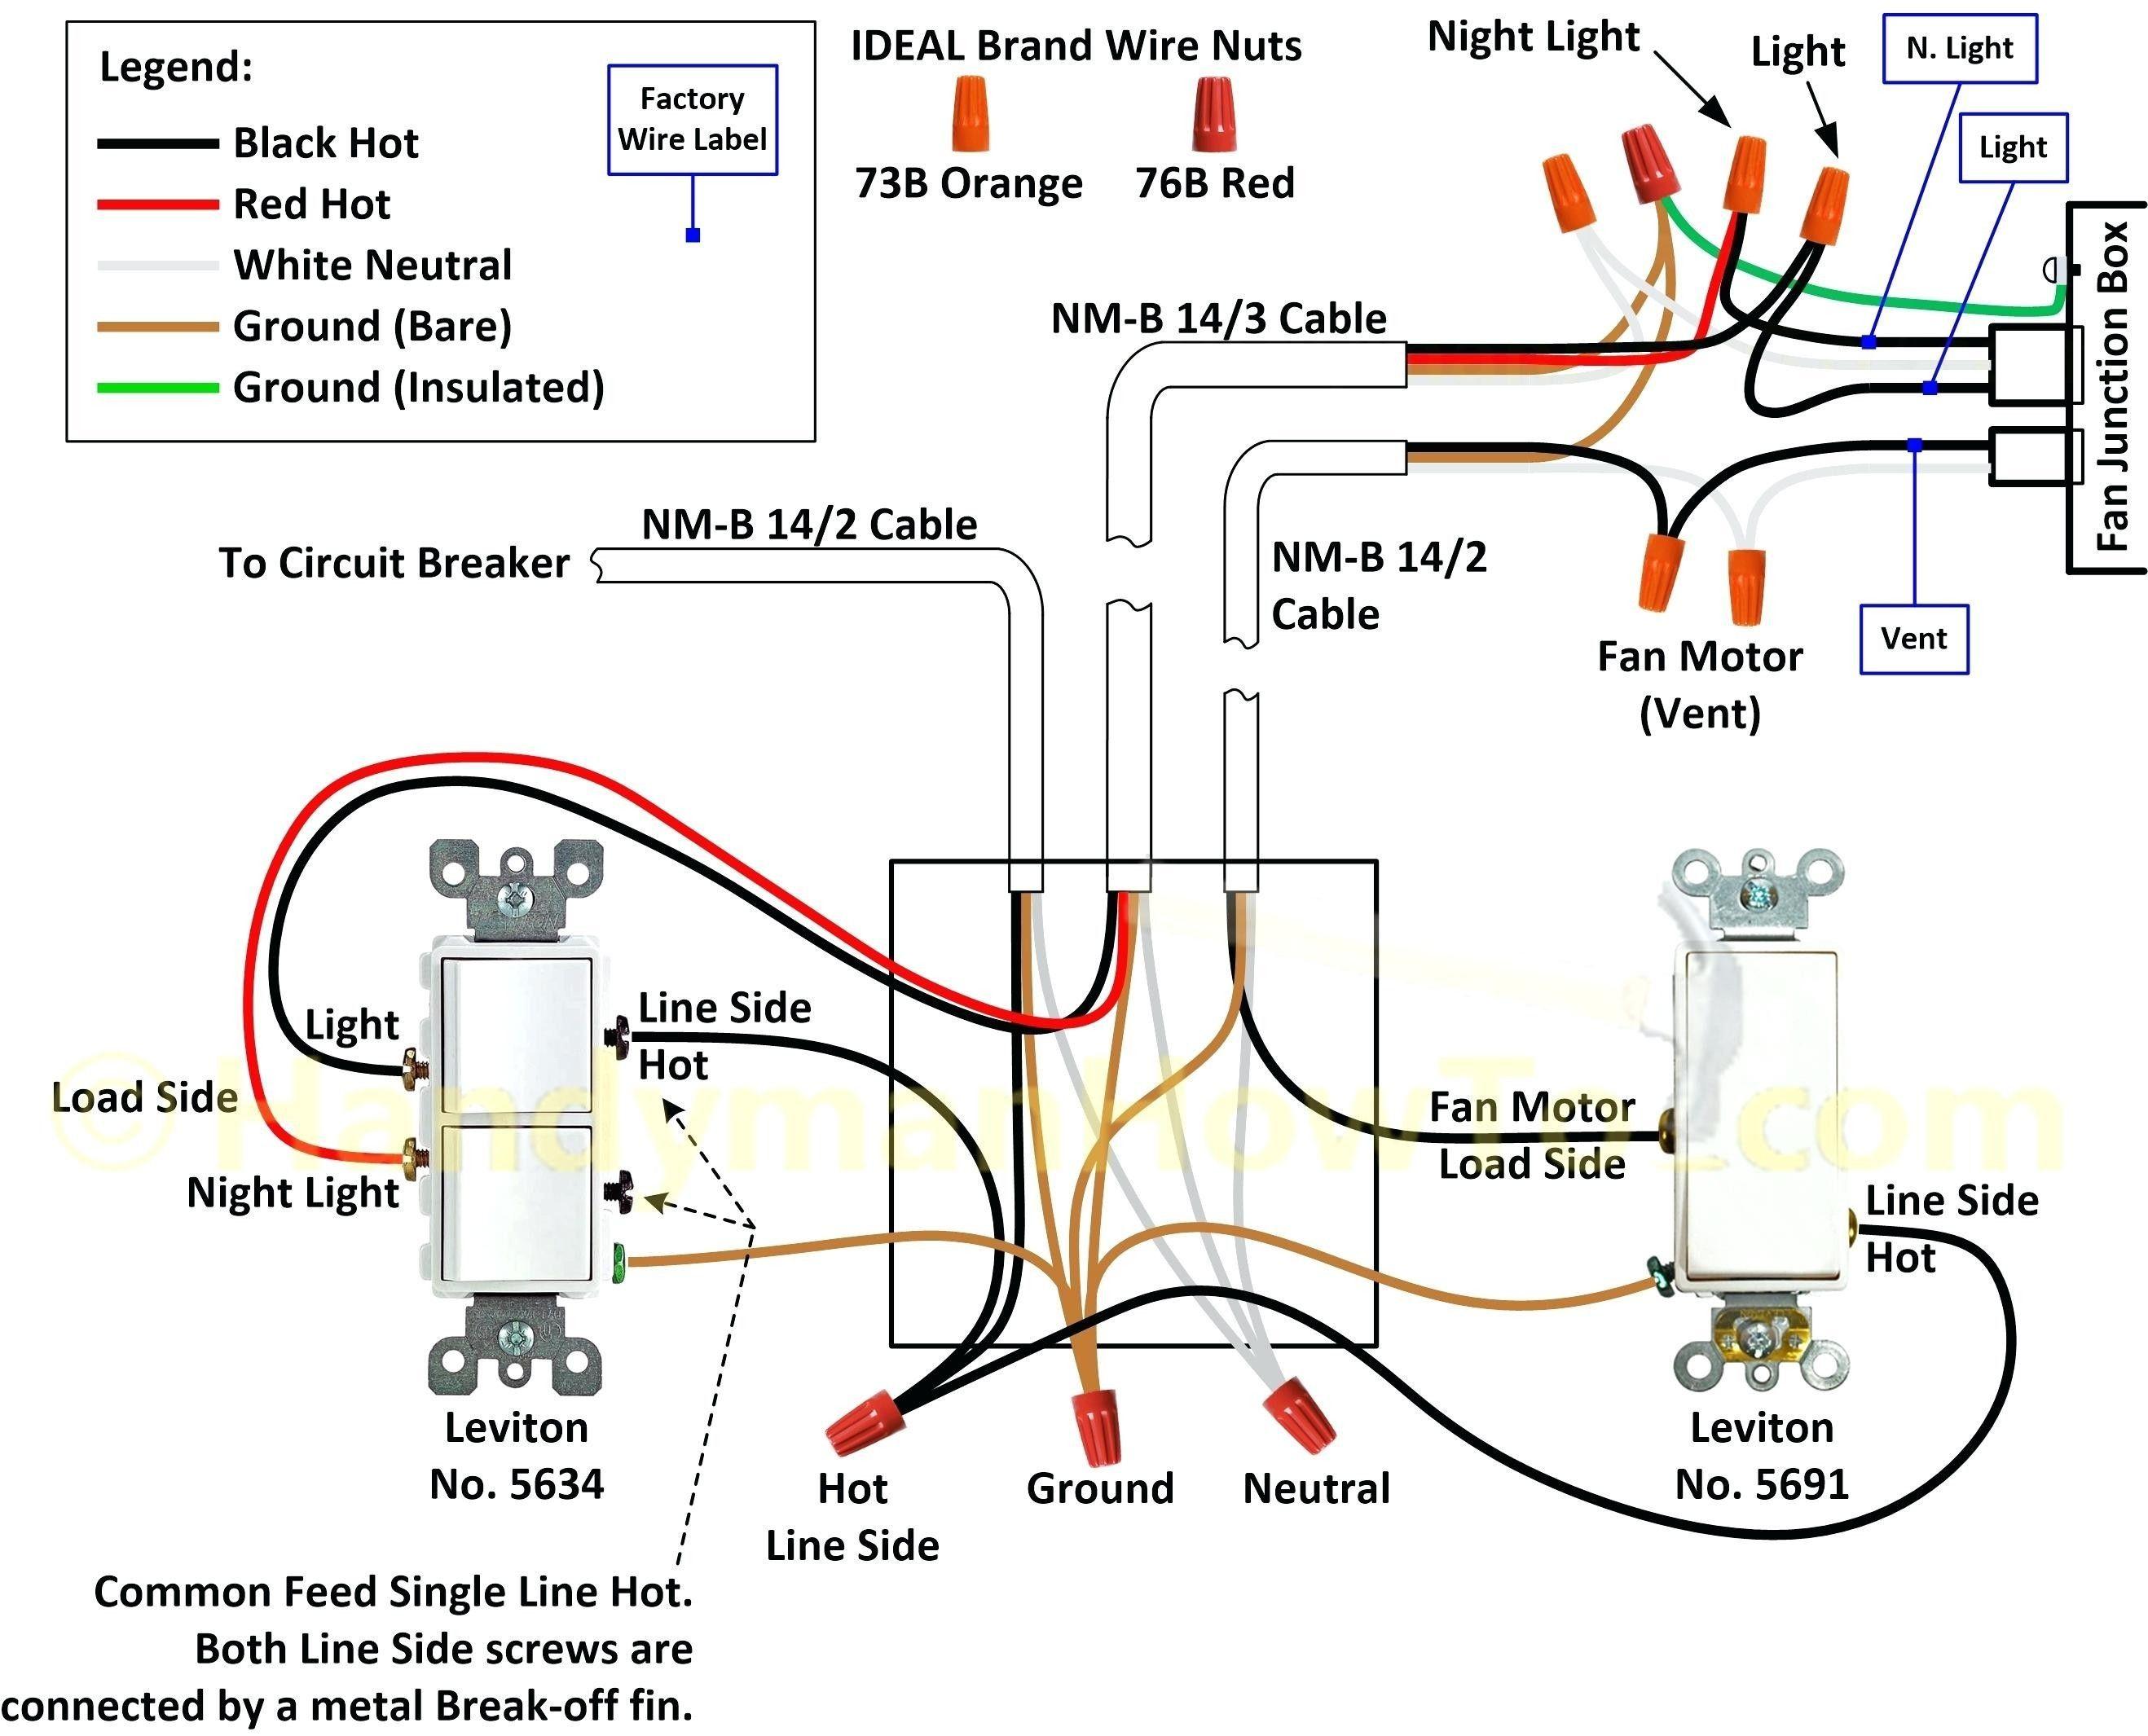 Unique Garage Lighting Wiring Diagram Uk diagram